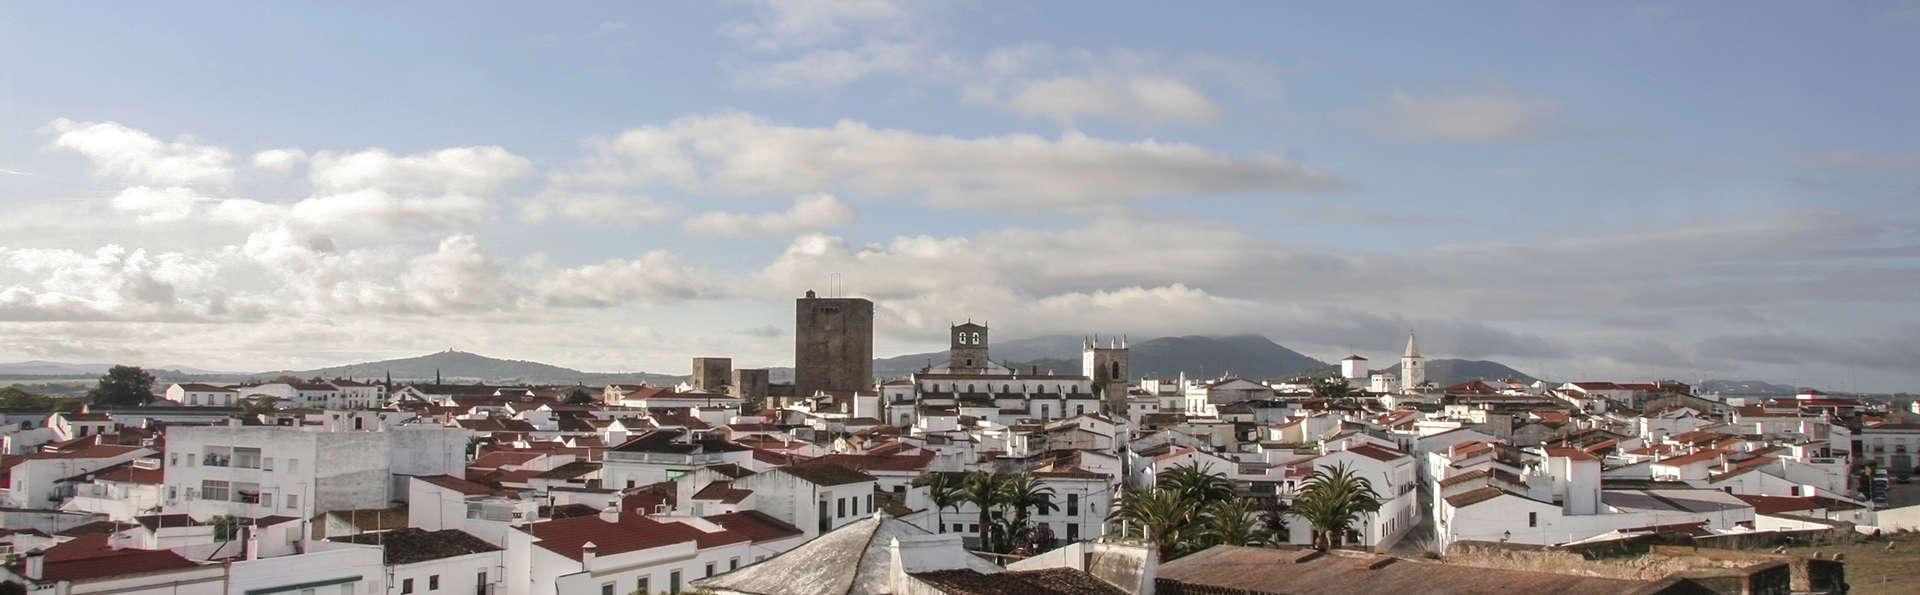 Hotel Heredero - Edit_Destination.jpg